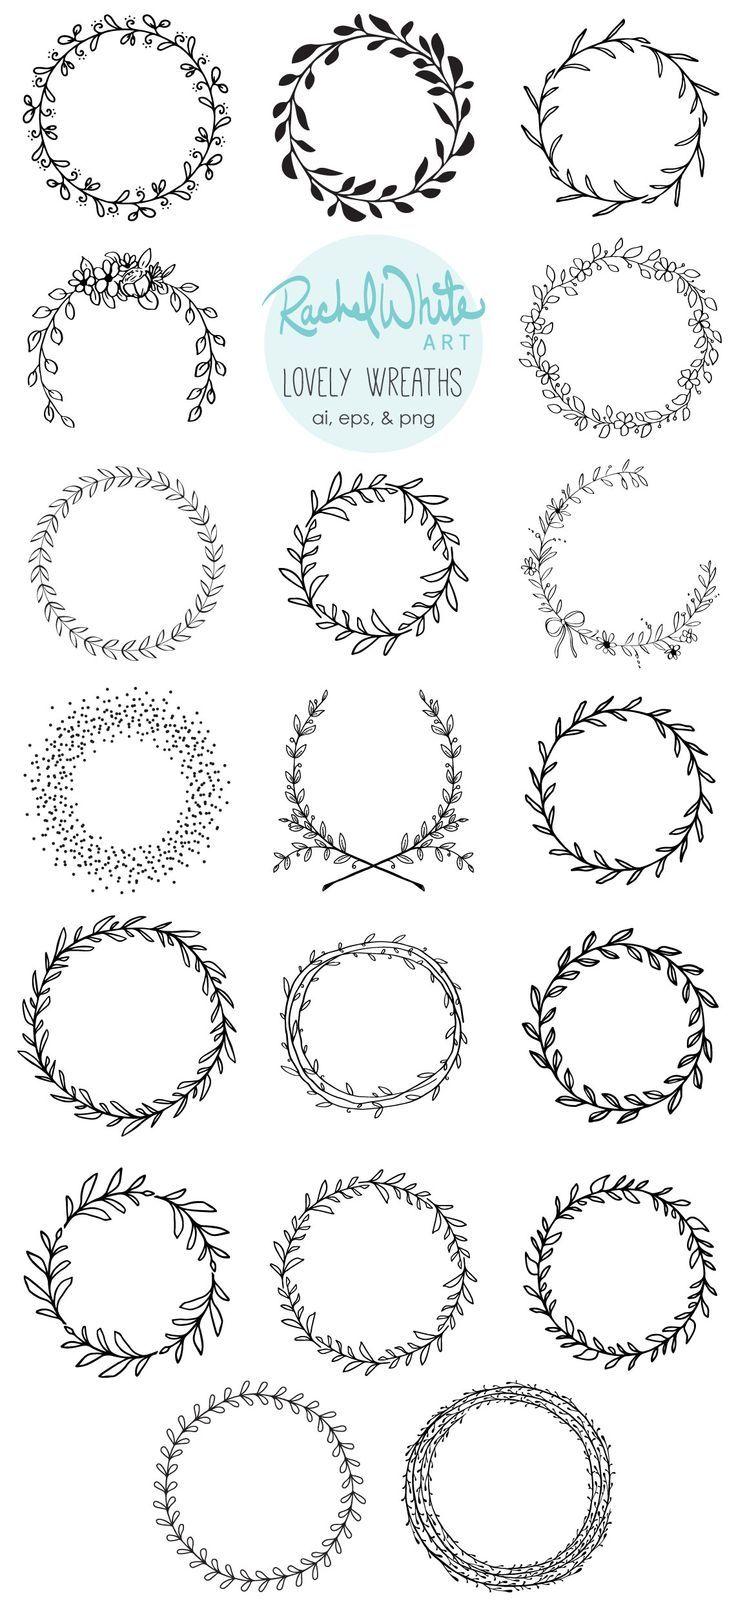 Schöne Kränze Vektor Illustrationen – AI EPS und…